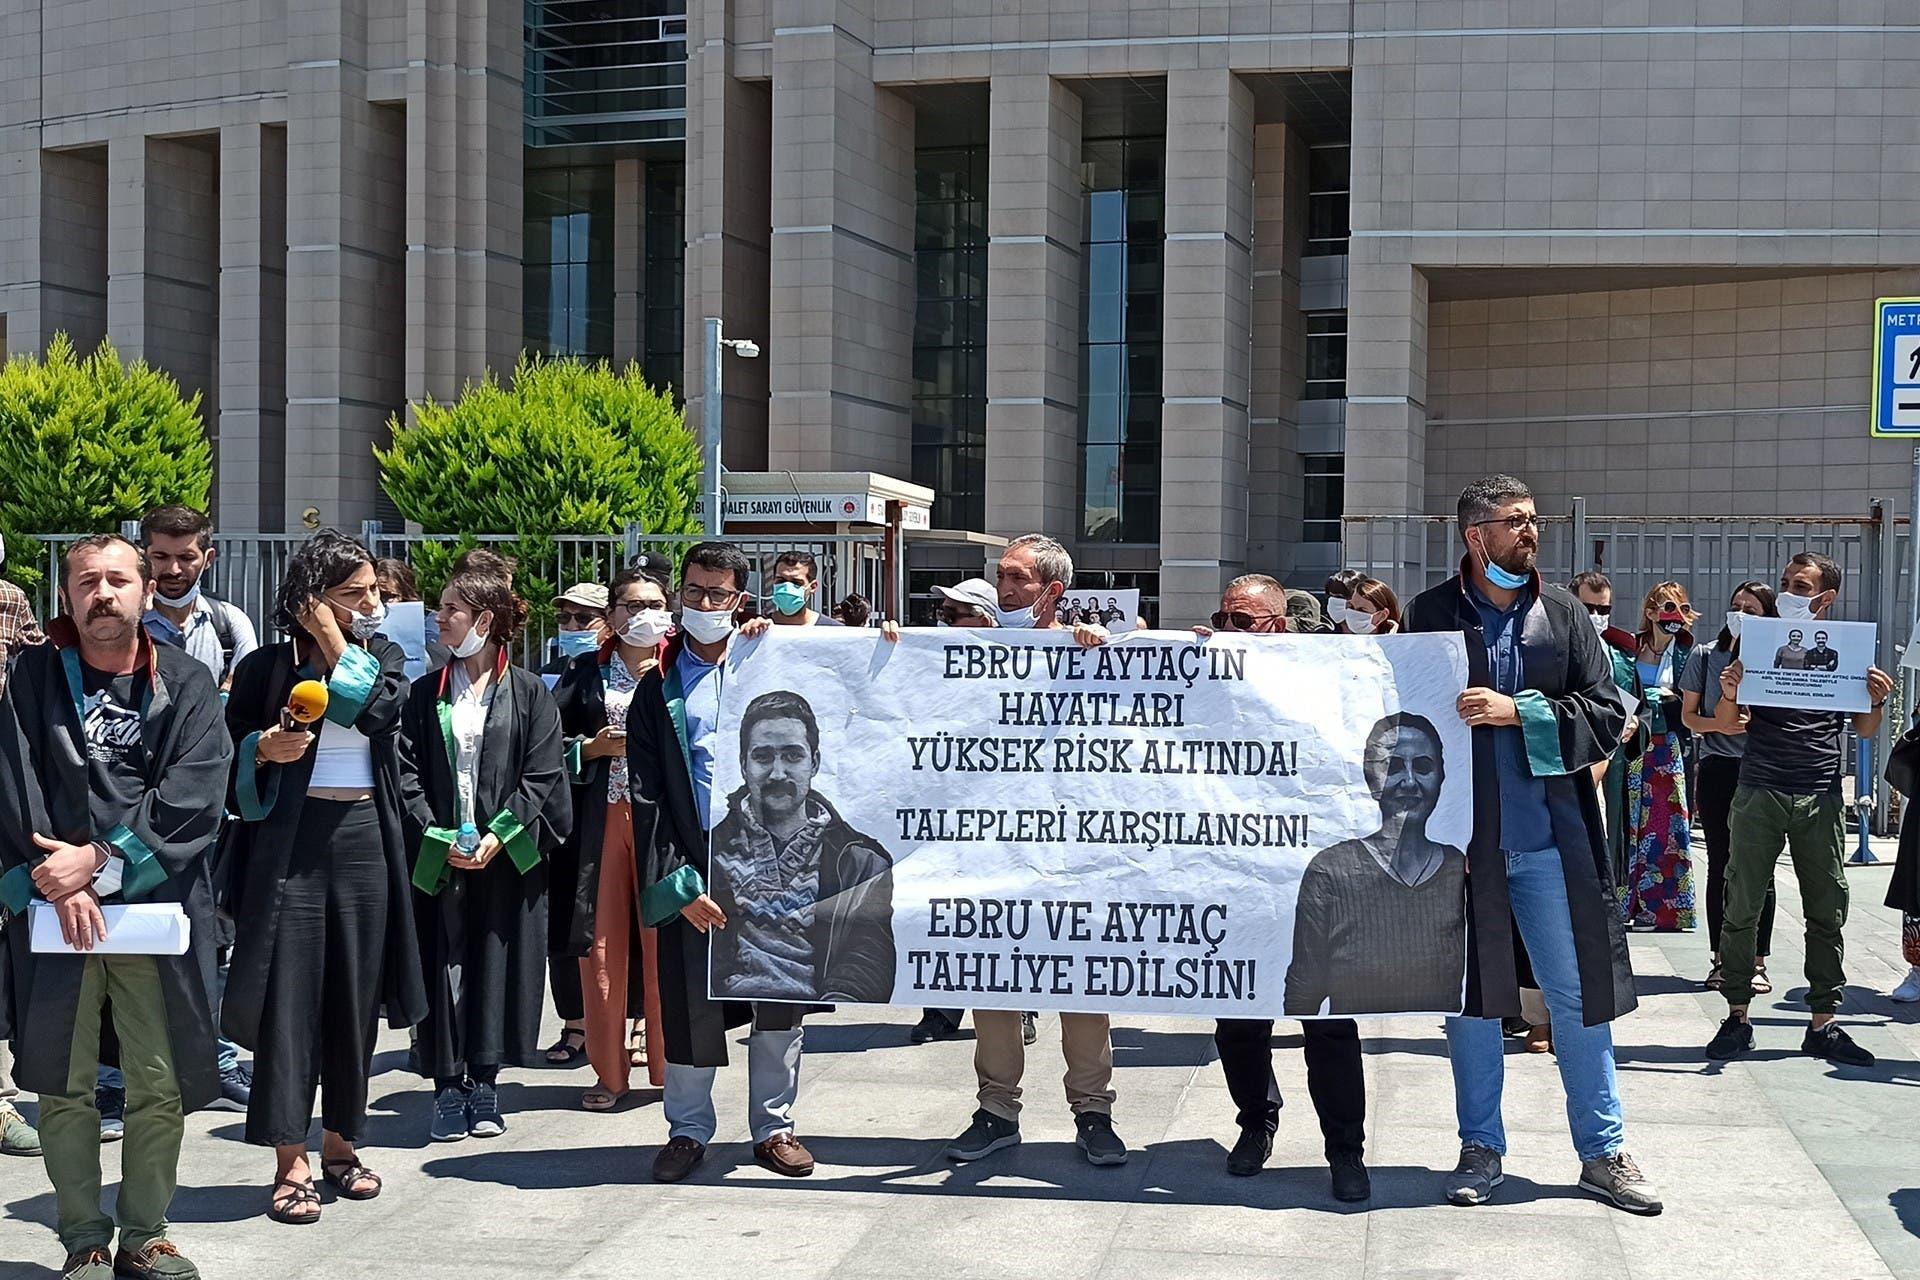 من الاحتجاجات المطالبة بإطلاق سراح كلا المحاميين في وقتٍ سابق